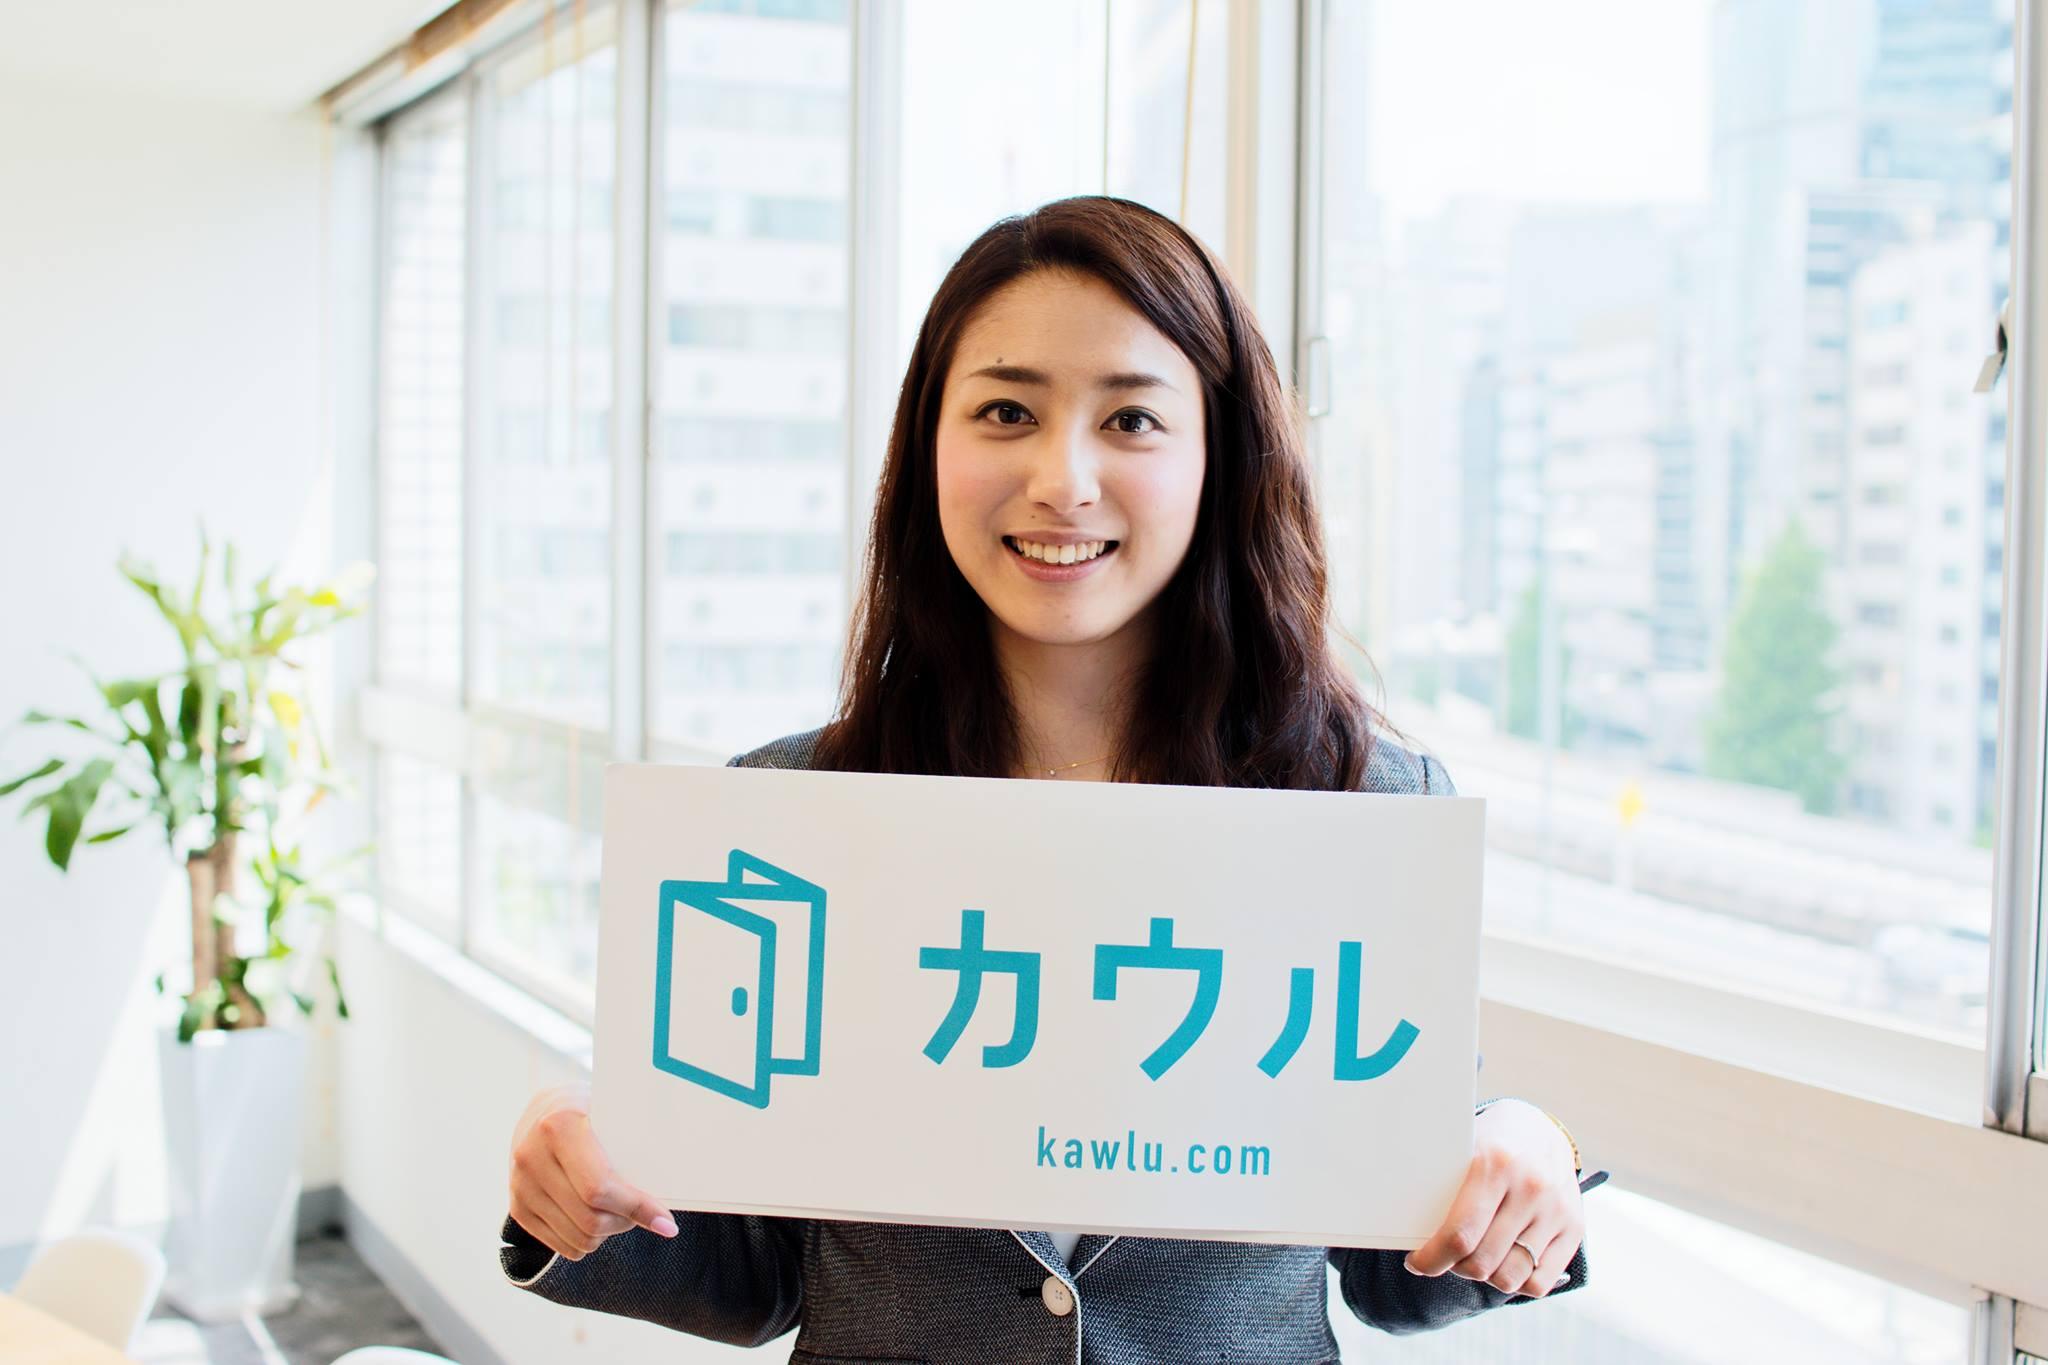 松原 遥香:社員紹介インタビュー